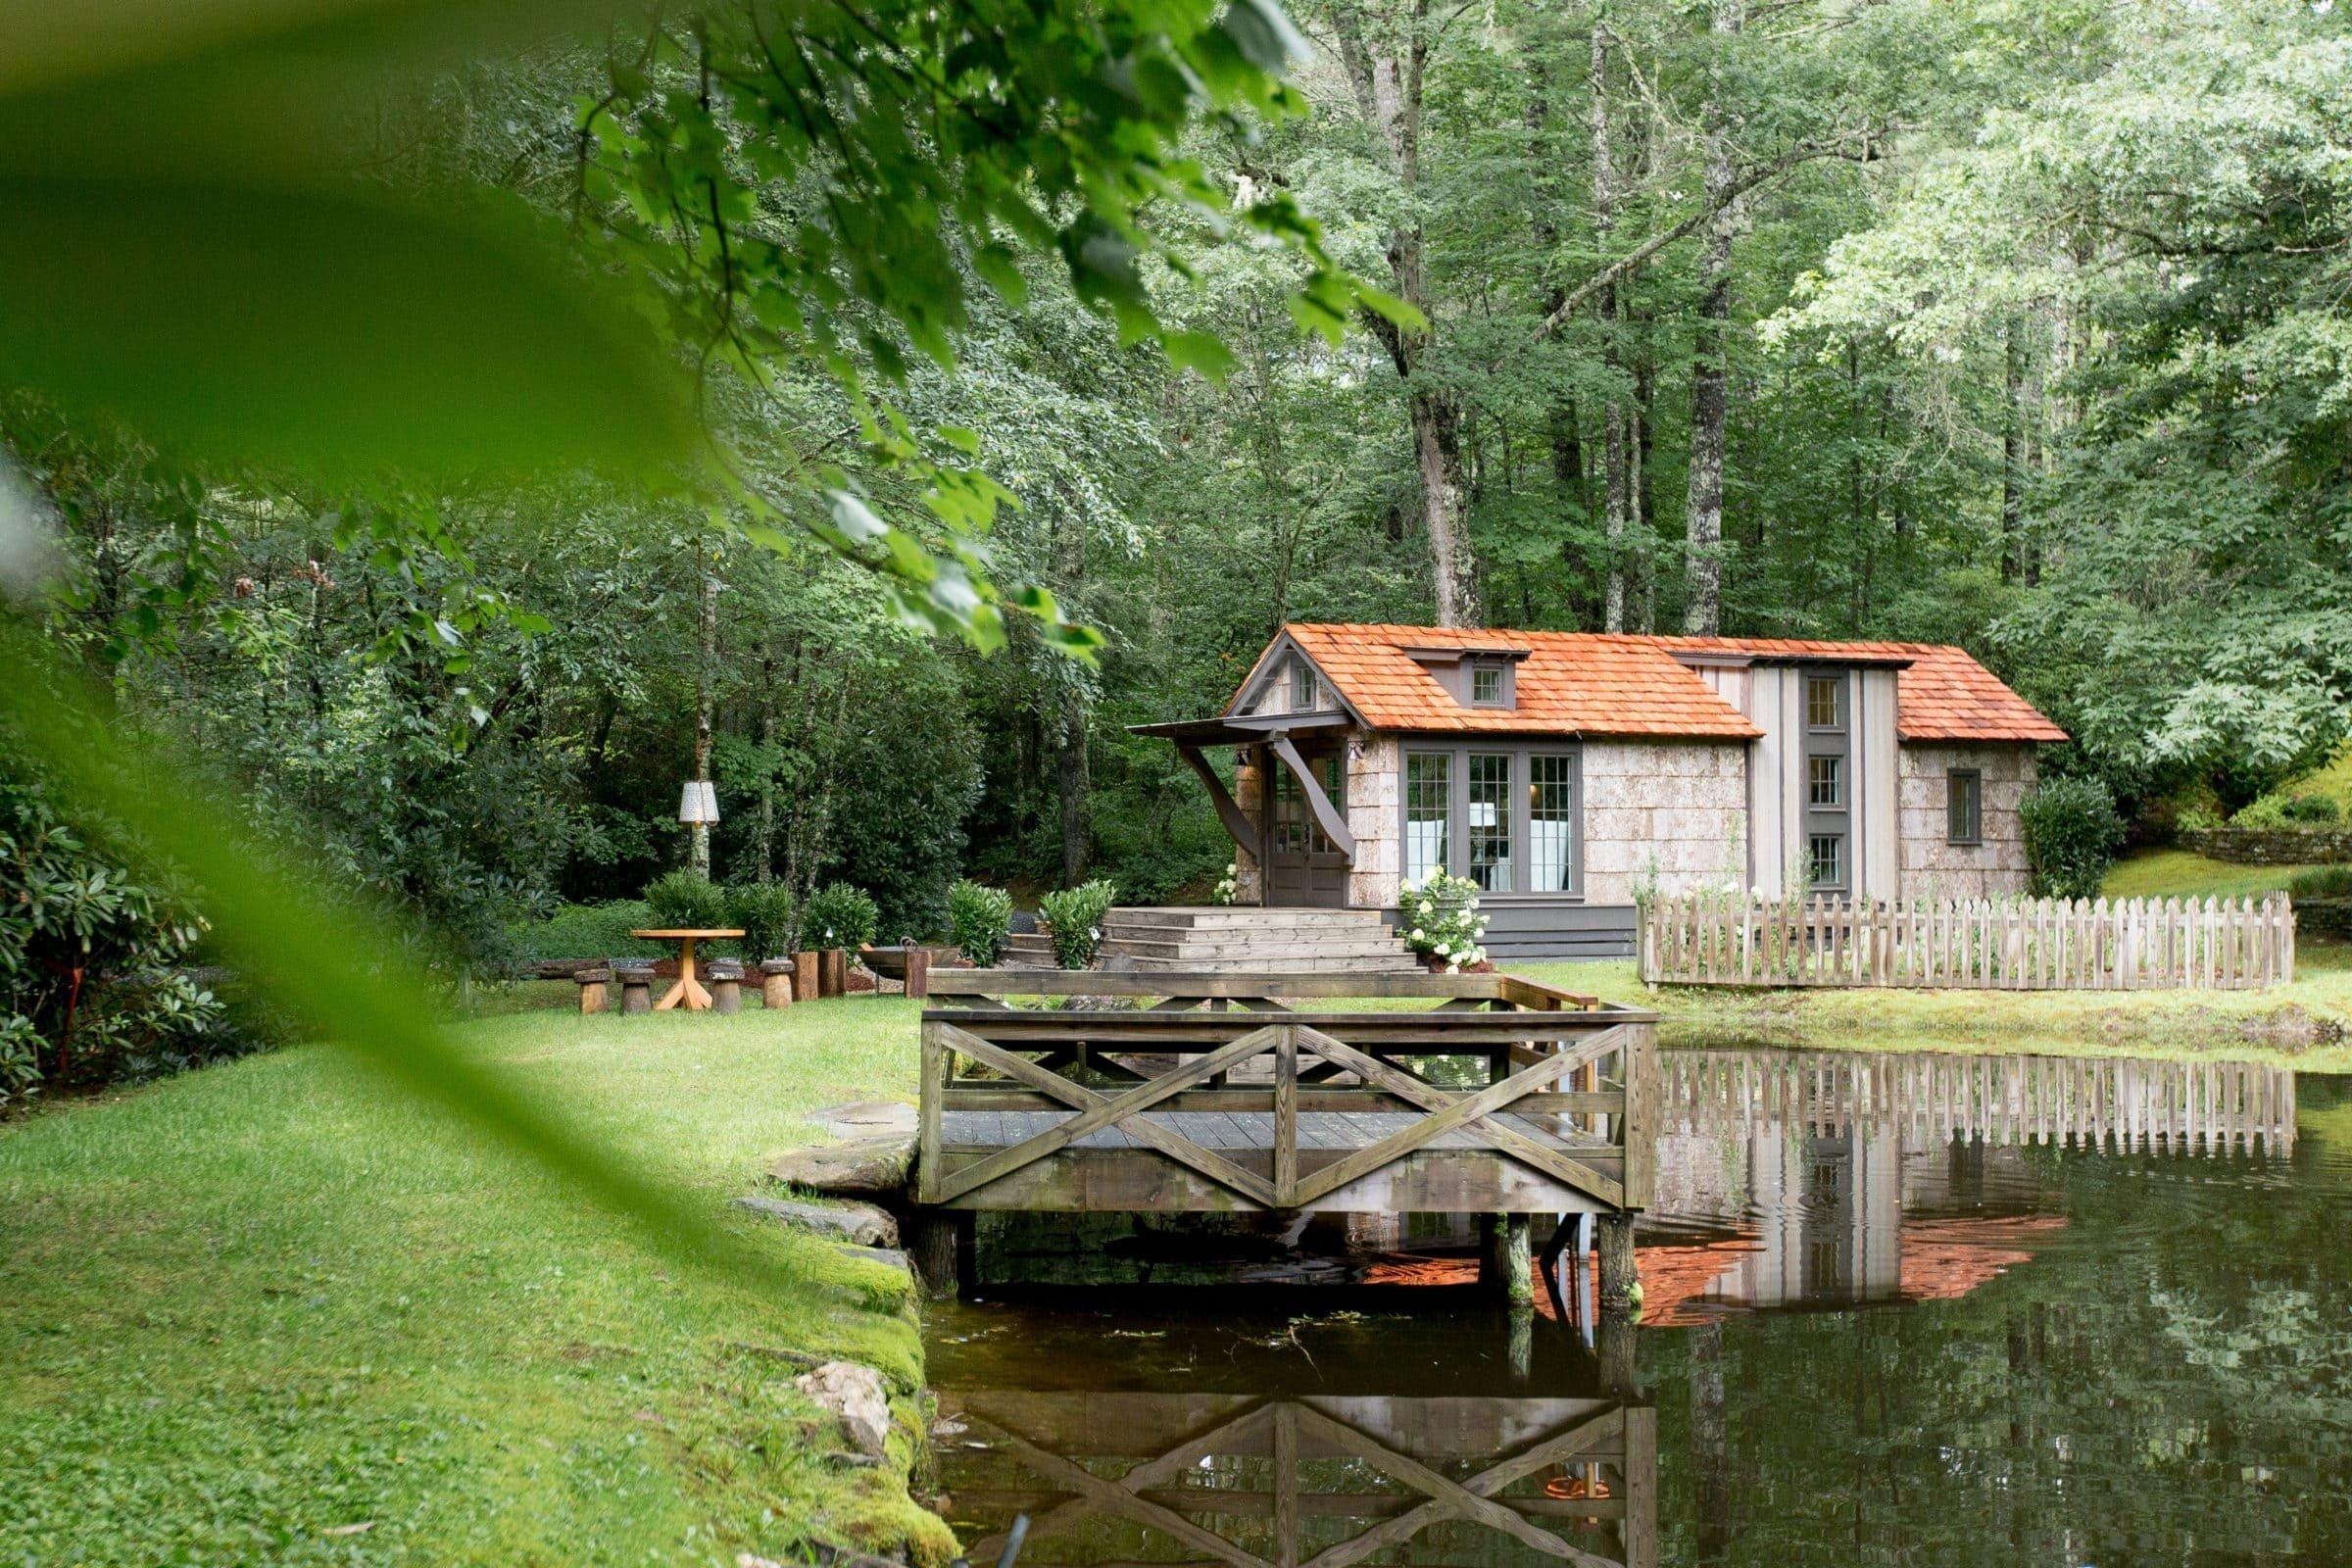 Malý modulární dům v Jižní Karolíně je postaven ve stylu staré Anglie, který má do moderny daleko. Je příjemný a útulný při pohledu ze zahrady i při posezení na gauči. Jeho hlavní předností je nízká pořizovací cena a velmi rychlá realizace. Jak se vám líbí?